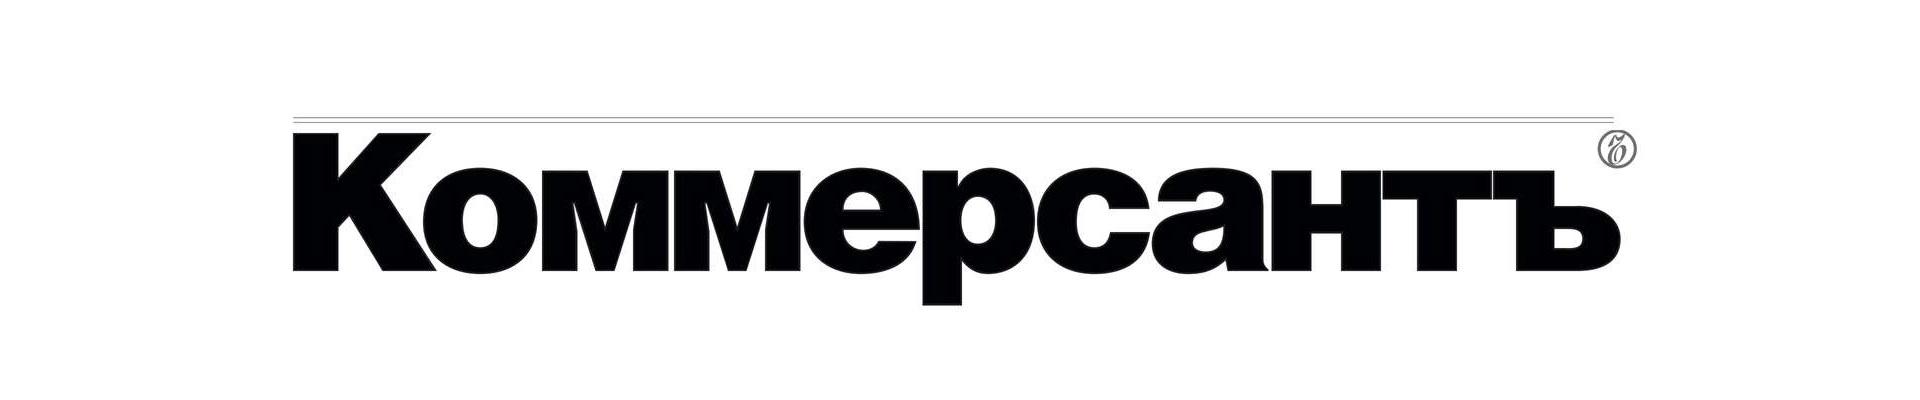 Арестован первый фигурант по делу о крупных хищениях а акционерном коммерческом банке Кредит-Москва